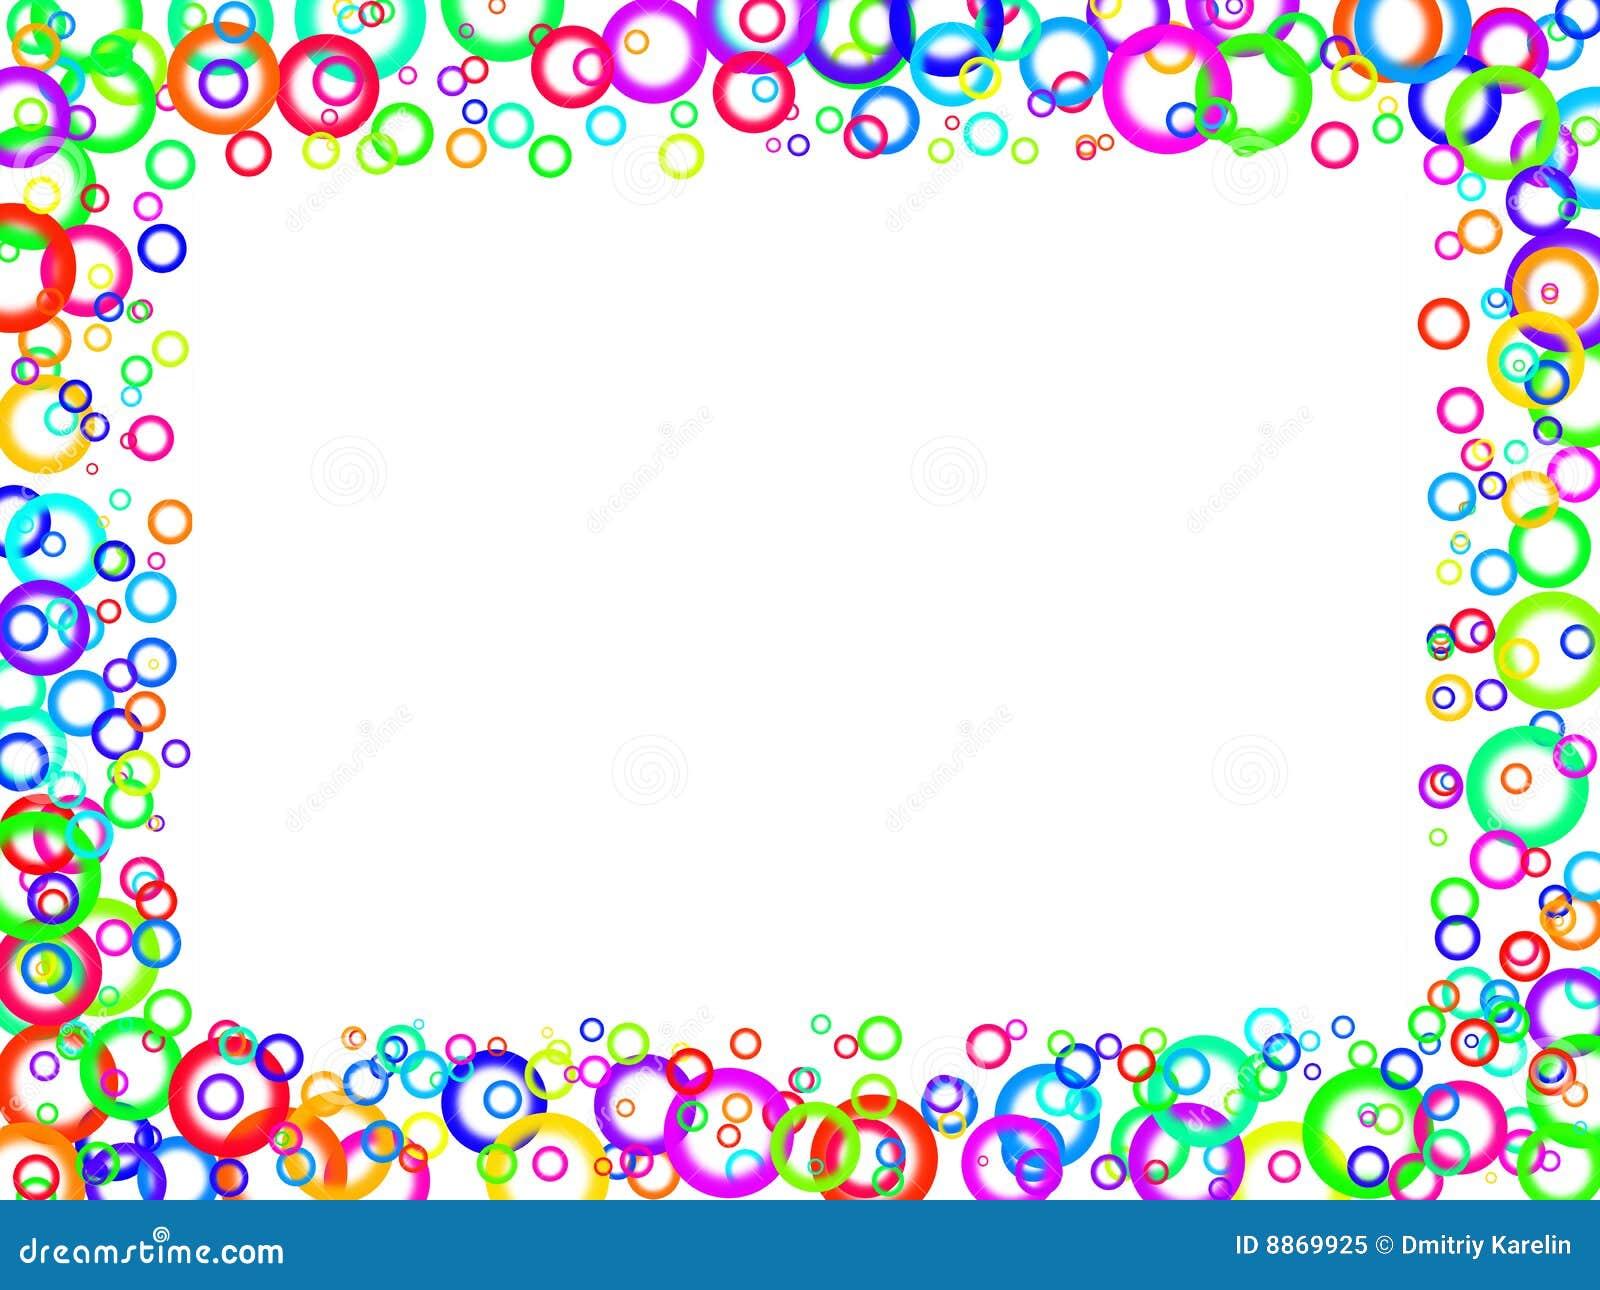 photo fridge magnets online sxvN